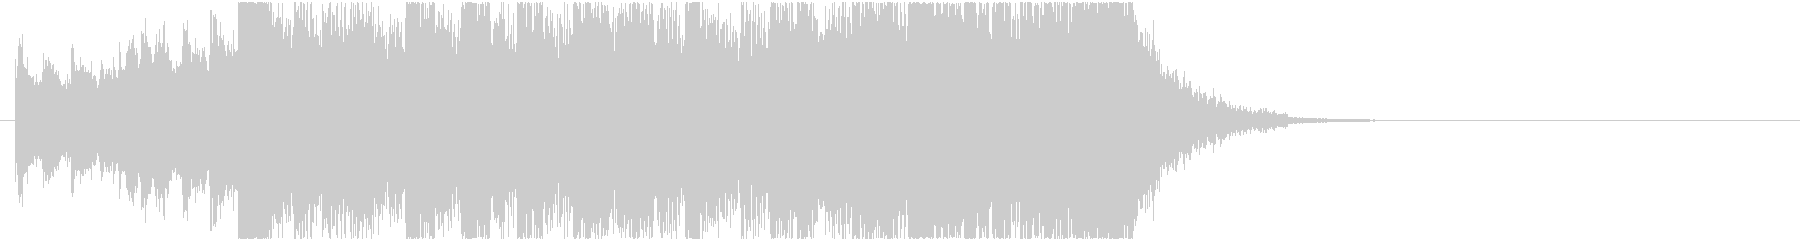 ニュースOP5 16bit48kHzの未再生の波形